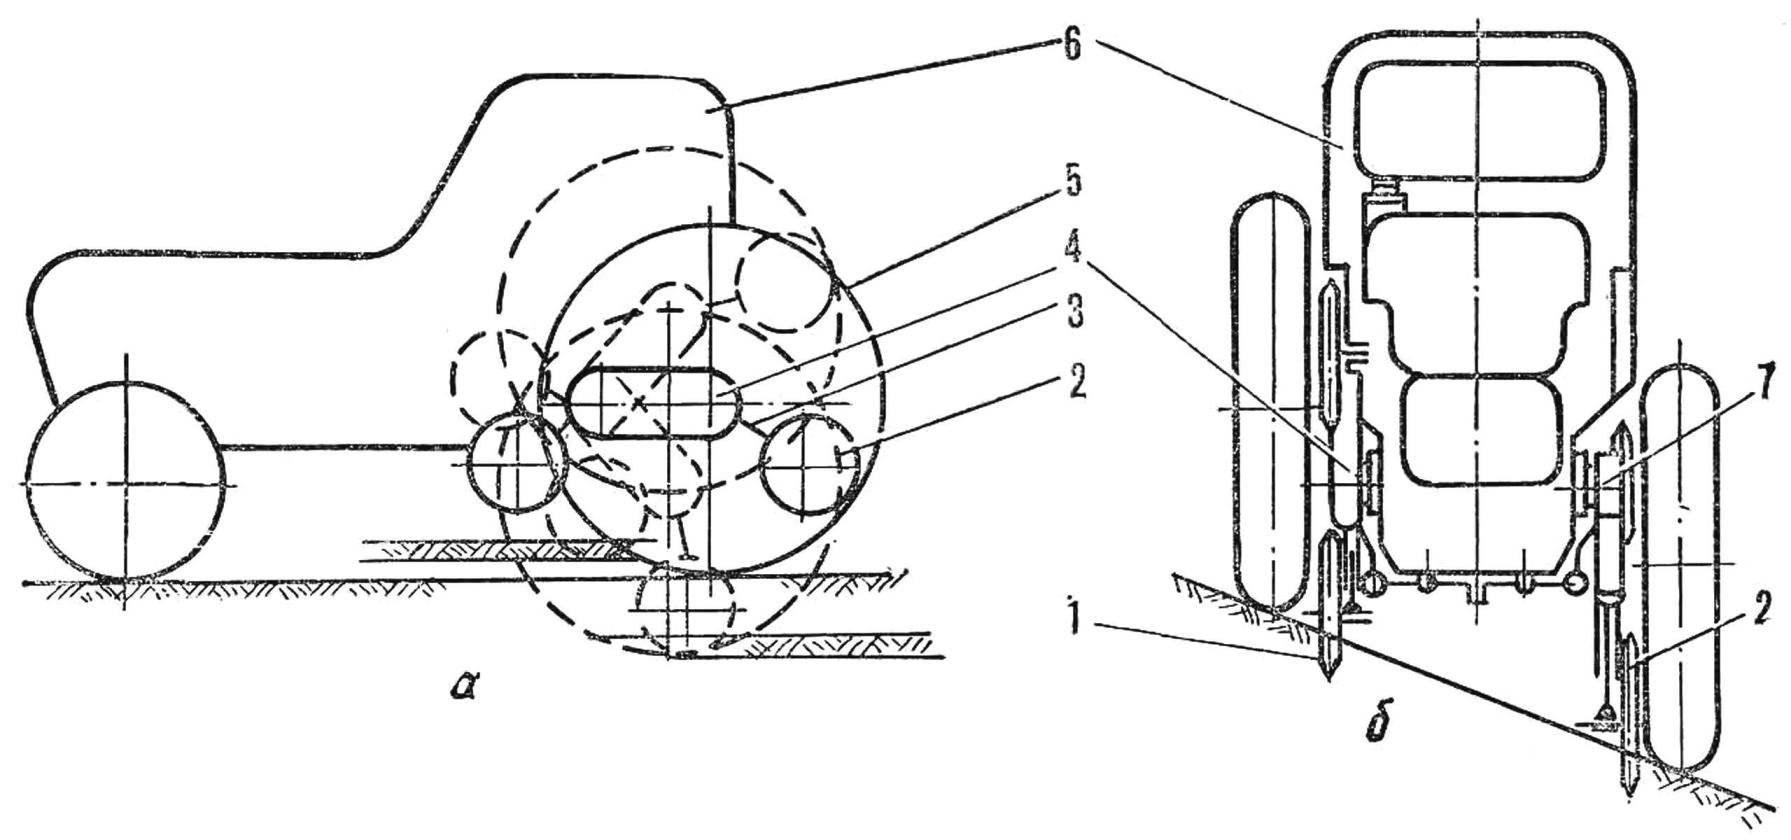 Р и с. 3. Схема трактора с устройством, противодействующим оползанию на склоне (а — вид сбоку, в — вид сзади),